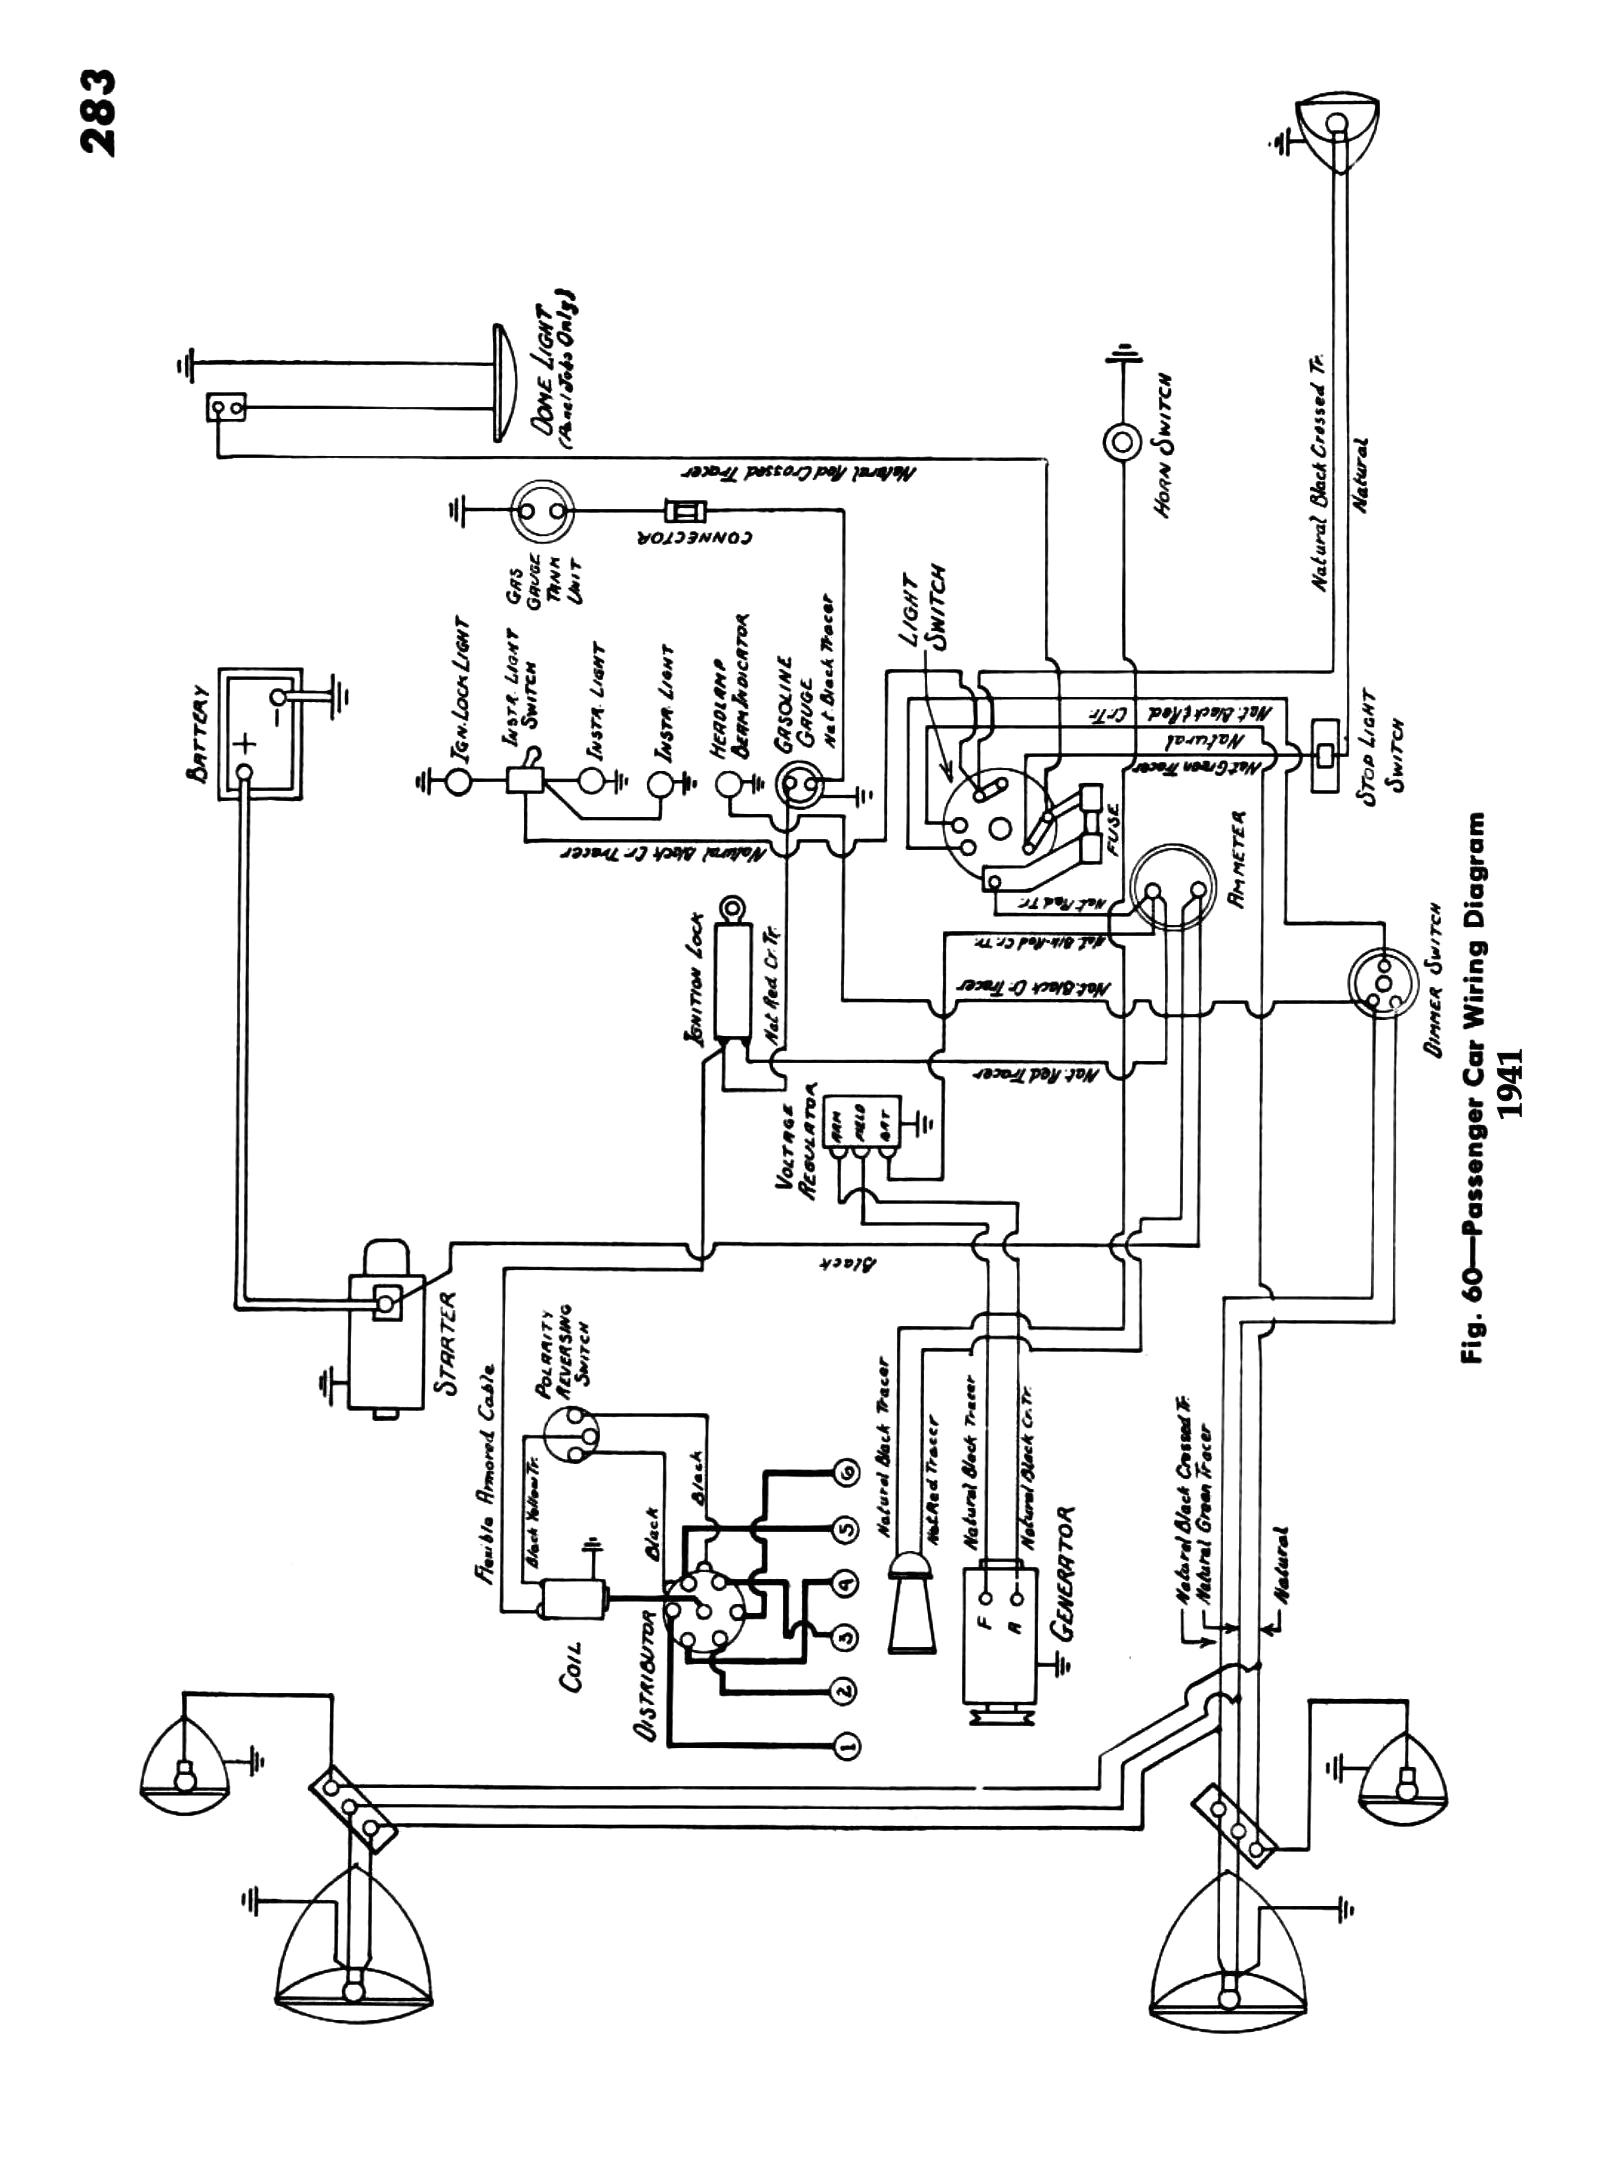 mercruiser 4 3 wiring diagram awesome mercruiser 4 3 wiring diagram new 4 3 vortec wiring diagram